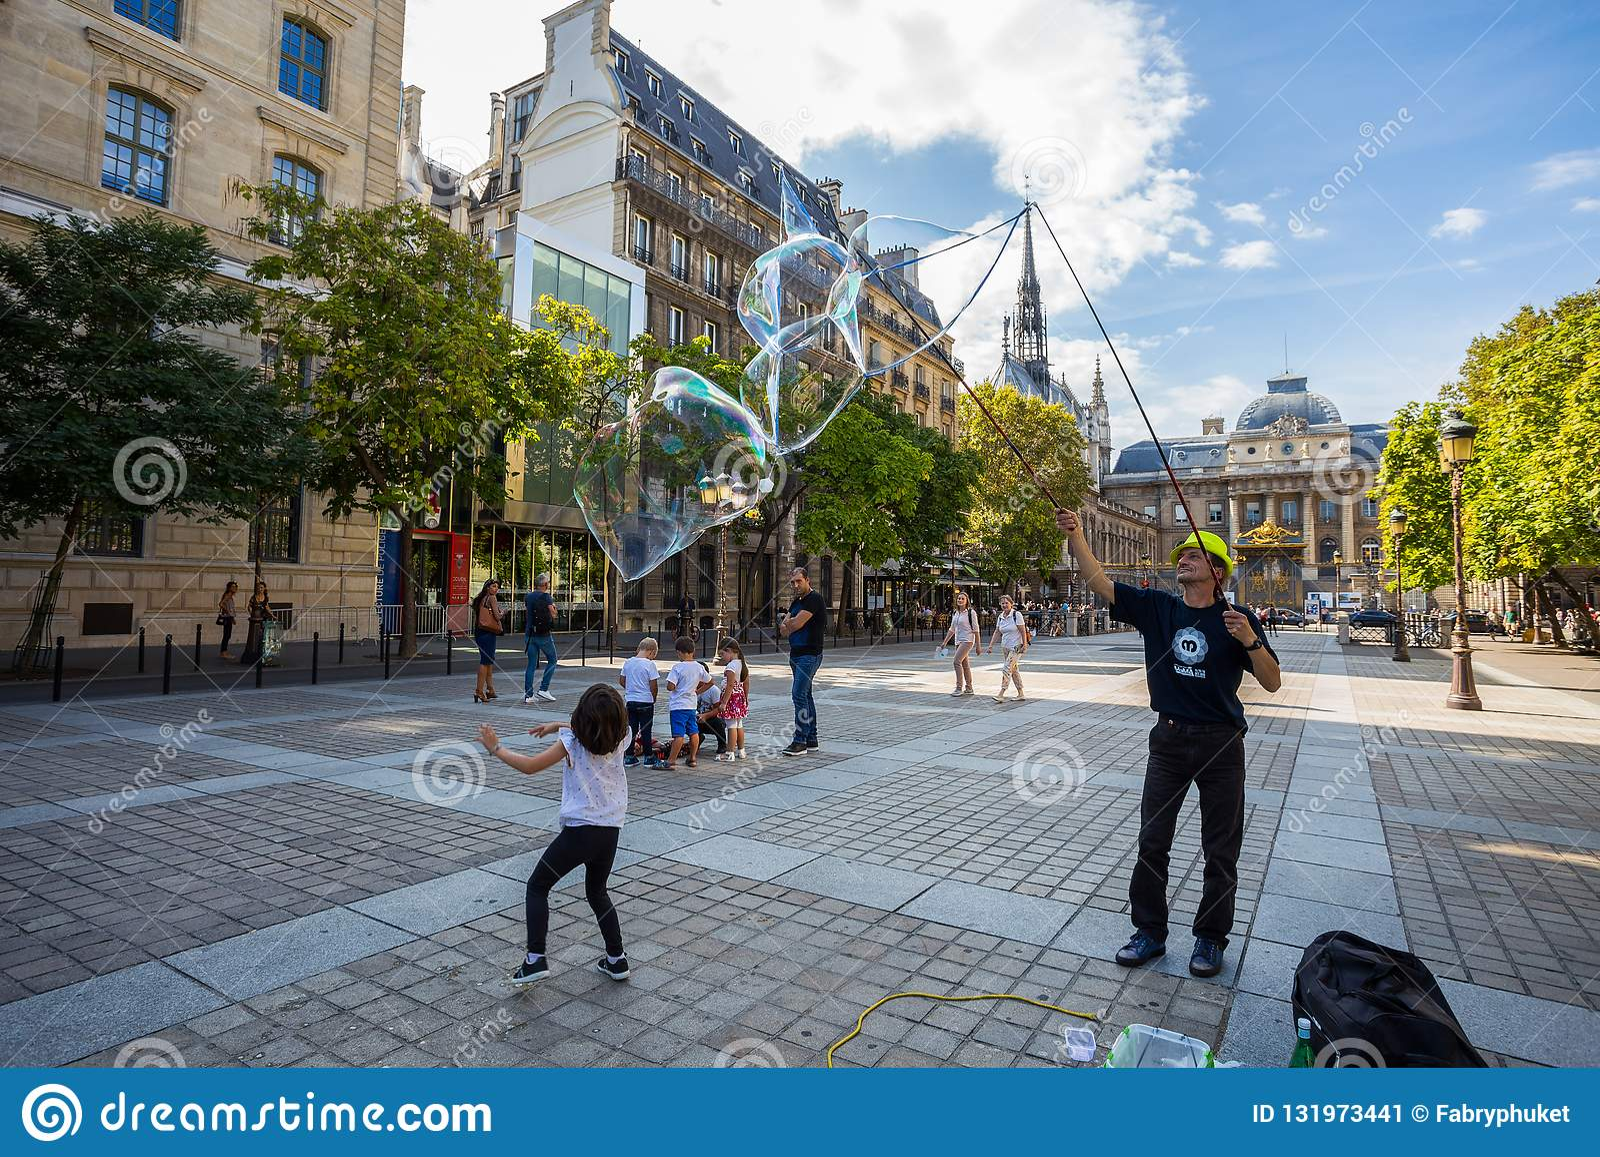 Неопознанный художник улицы дует огромные красочные пузыри мыла в Париже, Франции